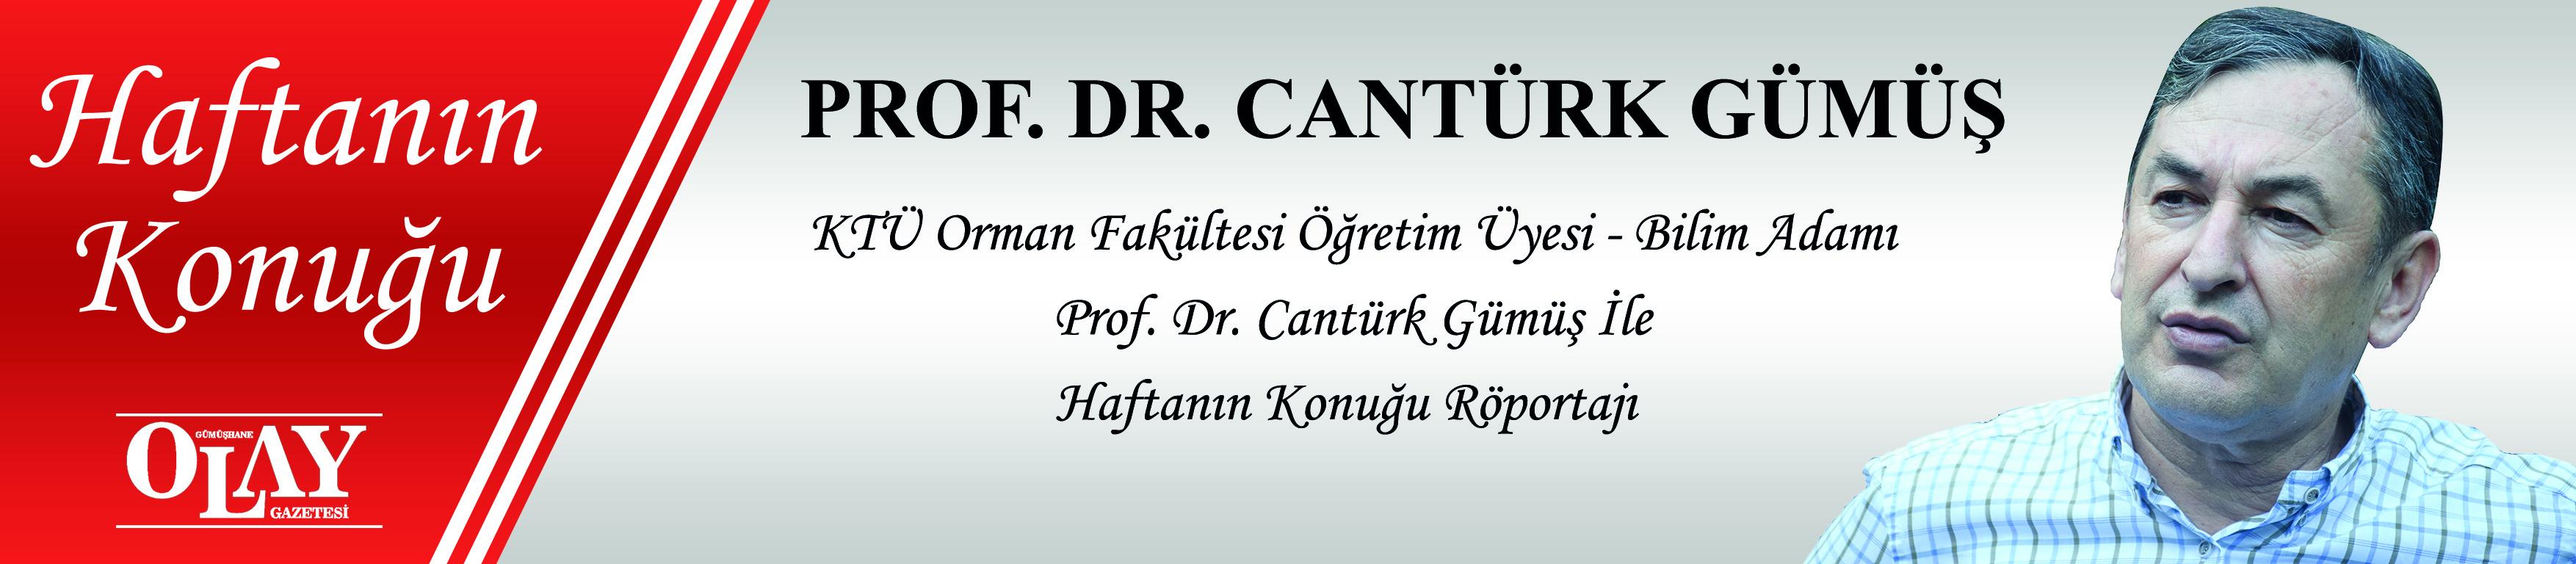 KTÜ ORMAN FAKÜLTESİ ÖĞRETİM ÜYESİ - BİLİM ADAMI PROF. DR. CANTÜRK GÜMÜŞ İLE HAFTANIN KONUĞU RÖPORTAJI